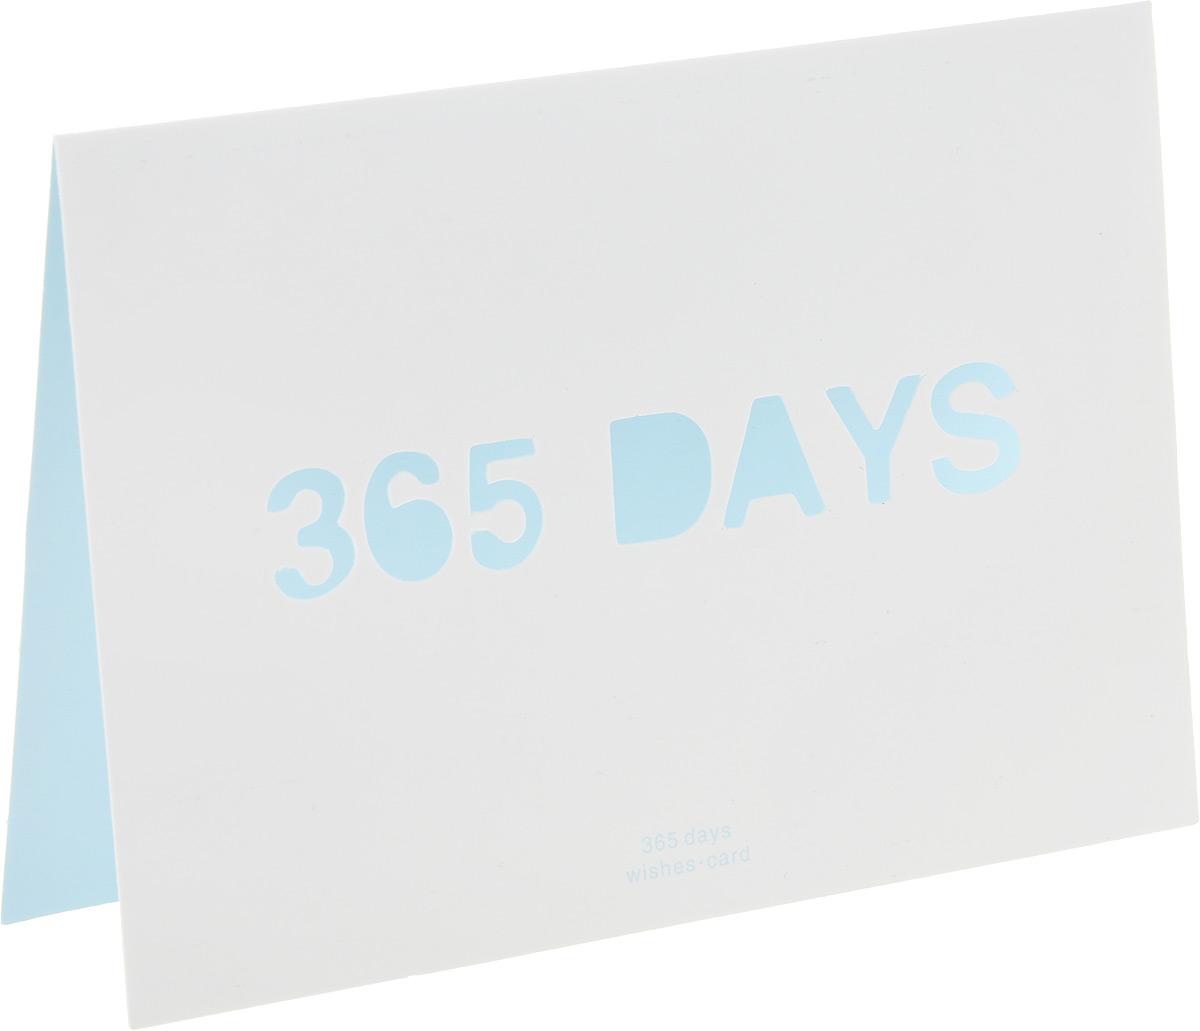 Открытка 365 days0110008Двойная открытка 365 days позволит вам оригинально дополнить подарок и поздравить близкого человека. Лицевая сторона открытки оформлена вырезанной надписью 365 days. В комплект входит цветной конверт. Характеристики: Материал:картон, бумага.Размер открытки (в сложенном виде):15 см х 10,5 см.Изготовитель:Китай. УВАЖАЕМЫЕ КЛИЕНТЫ!Обращаем ваше внимание на незначительные изменения в цвете некоторых деталей товара. Поставка осуществляется в зависимости от наличия на складе.